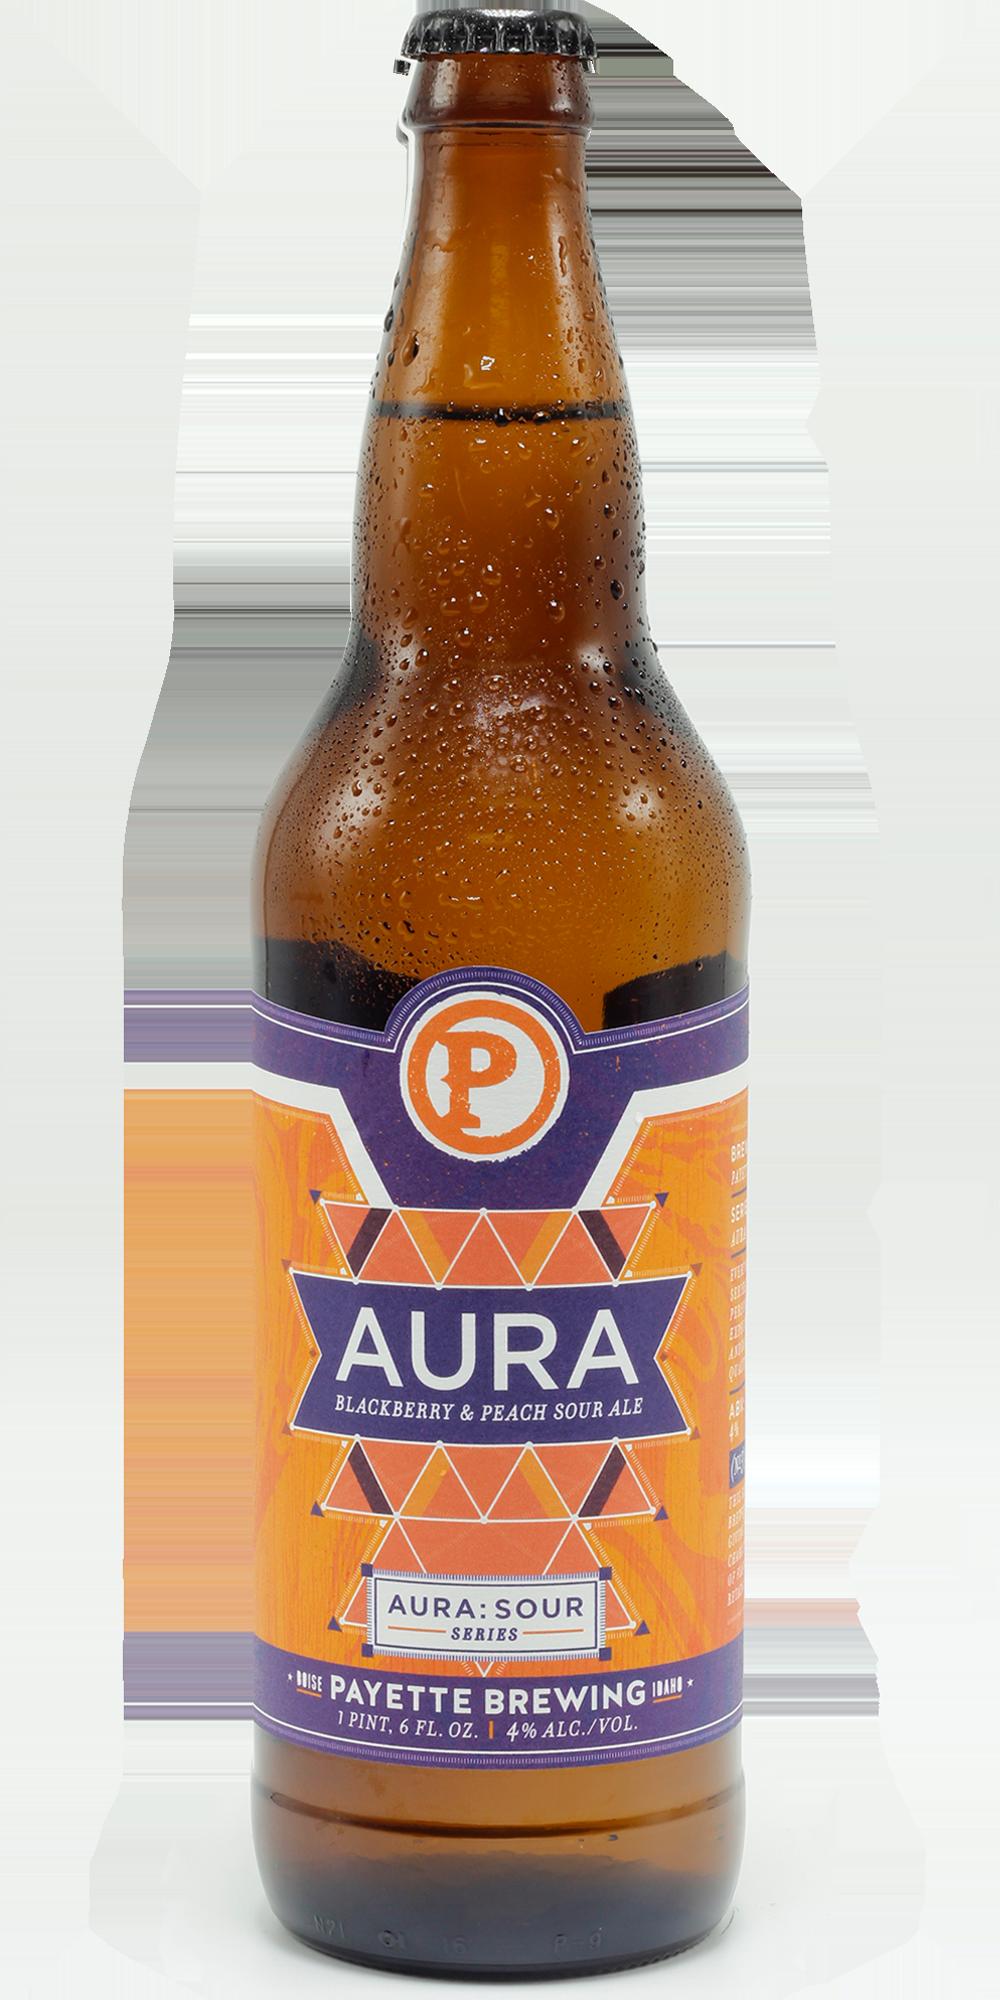 PayetteBrewing_AuraBlackberry&Peach_SourAle